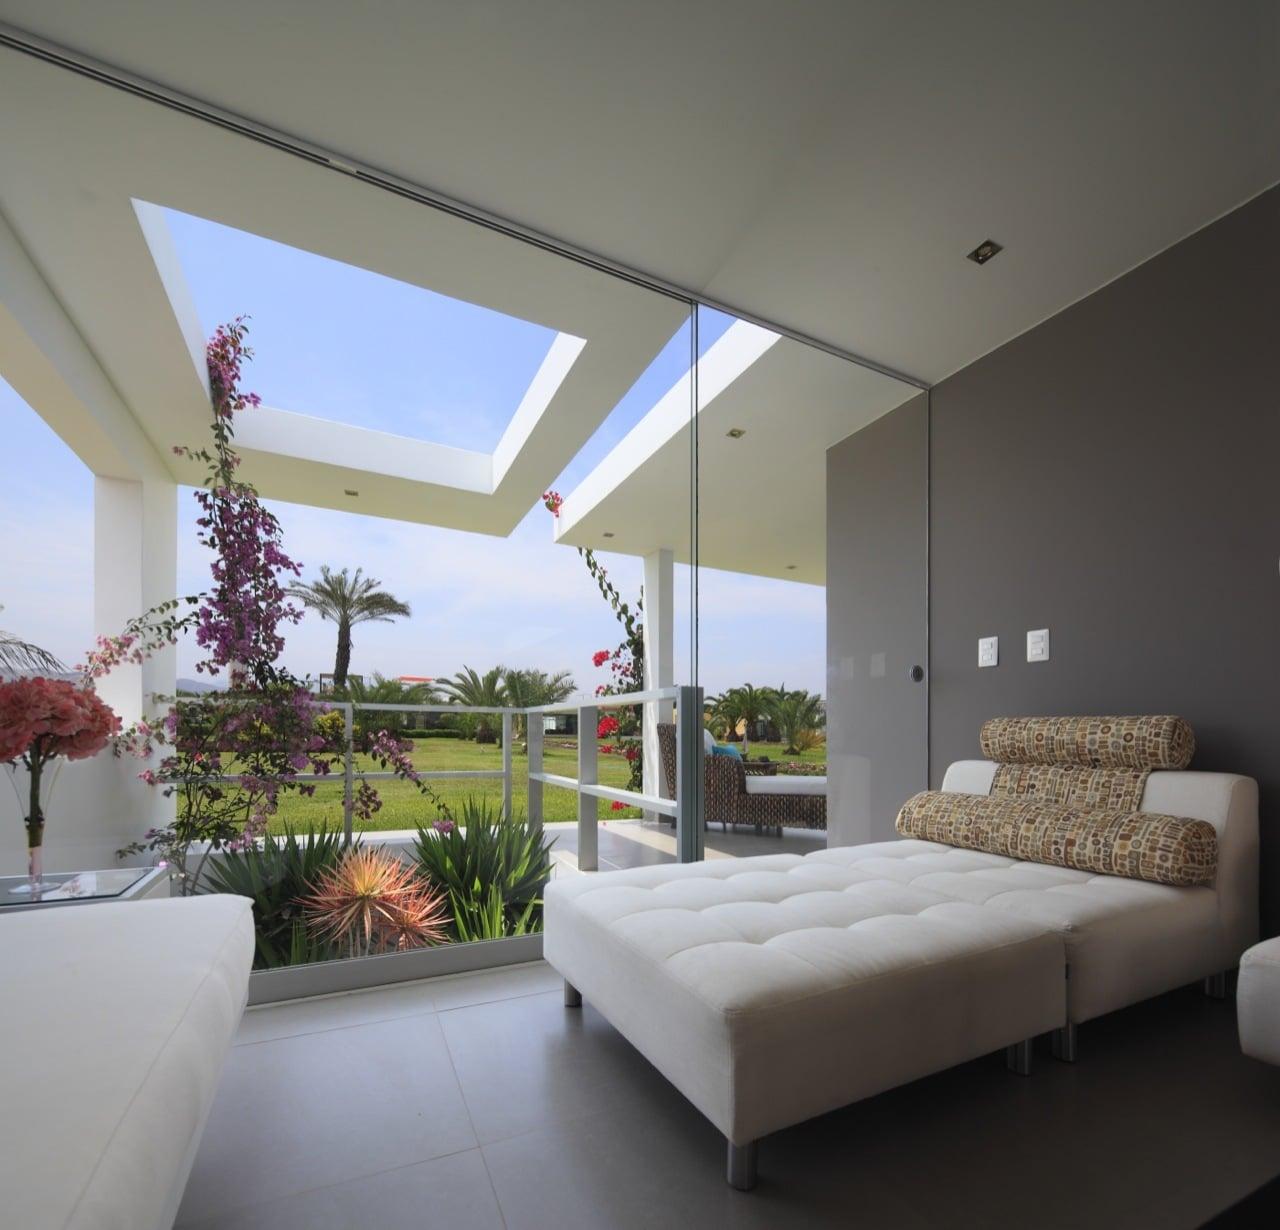 Dise o de casa de una planta con s tano y terraza piscina for Terrazas internas